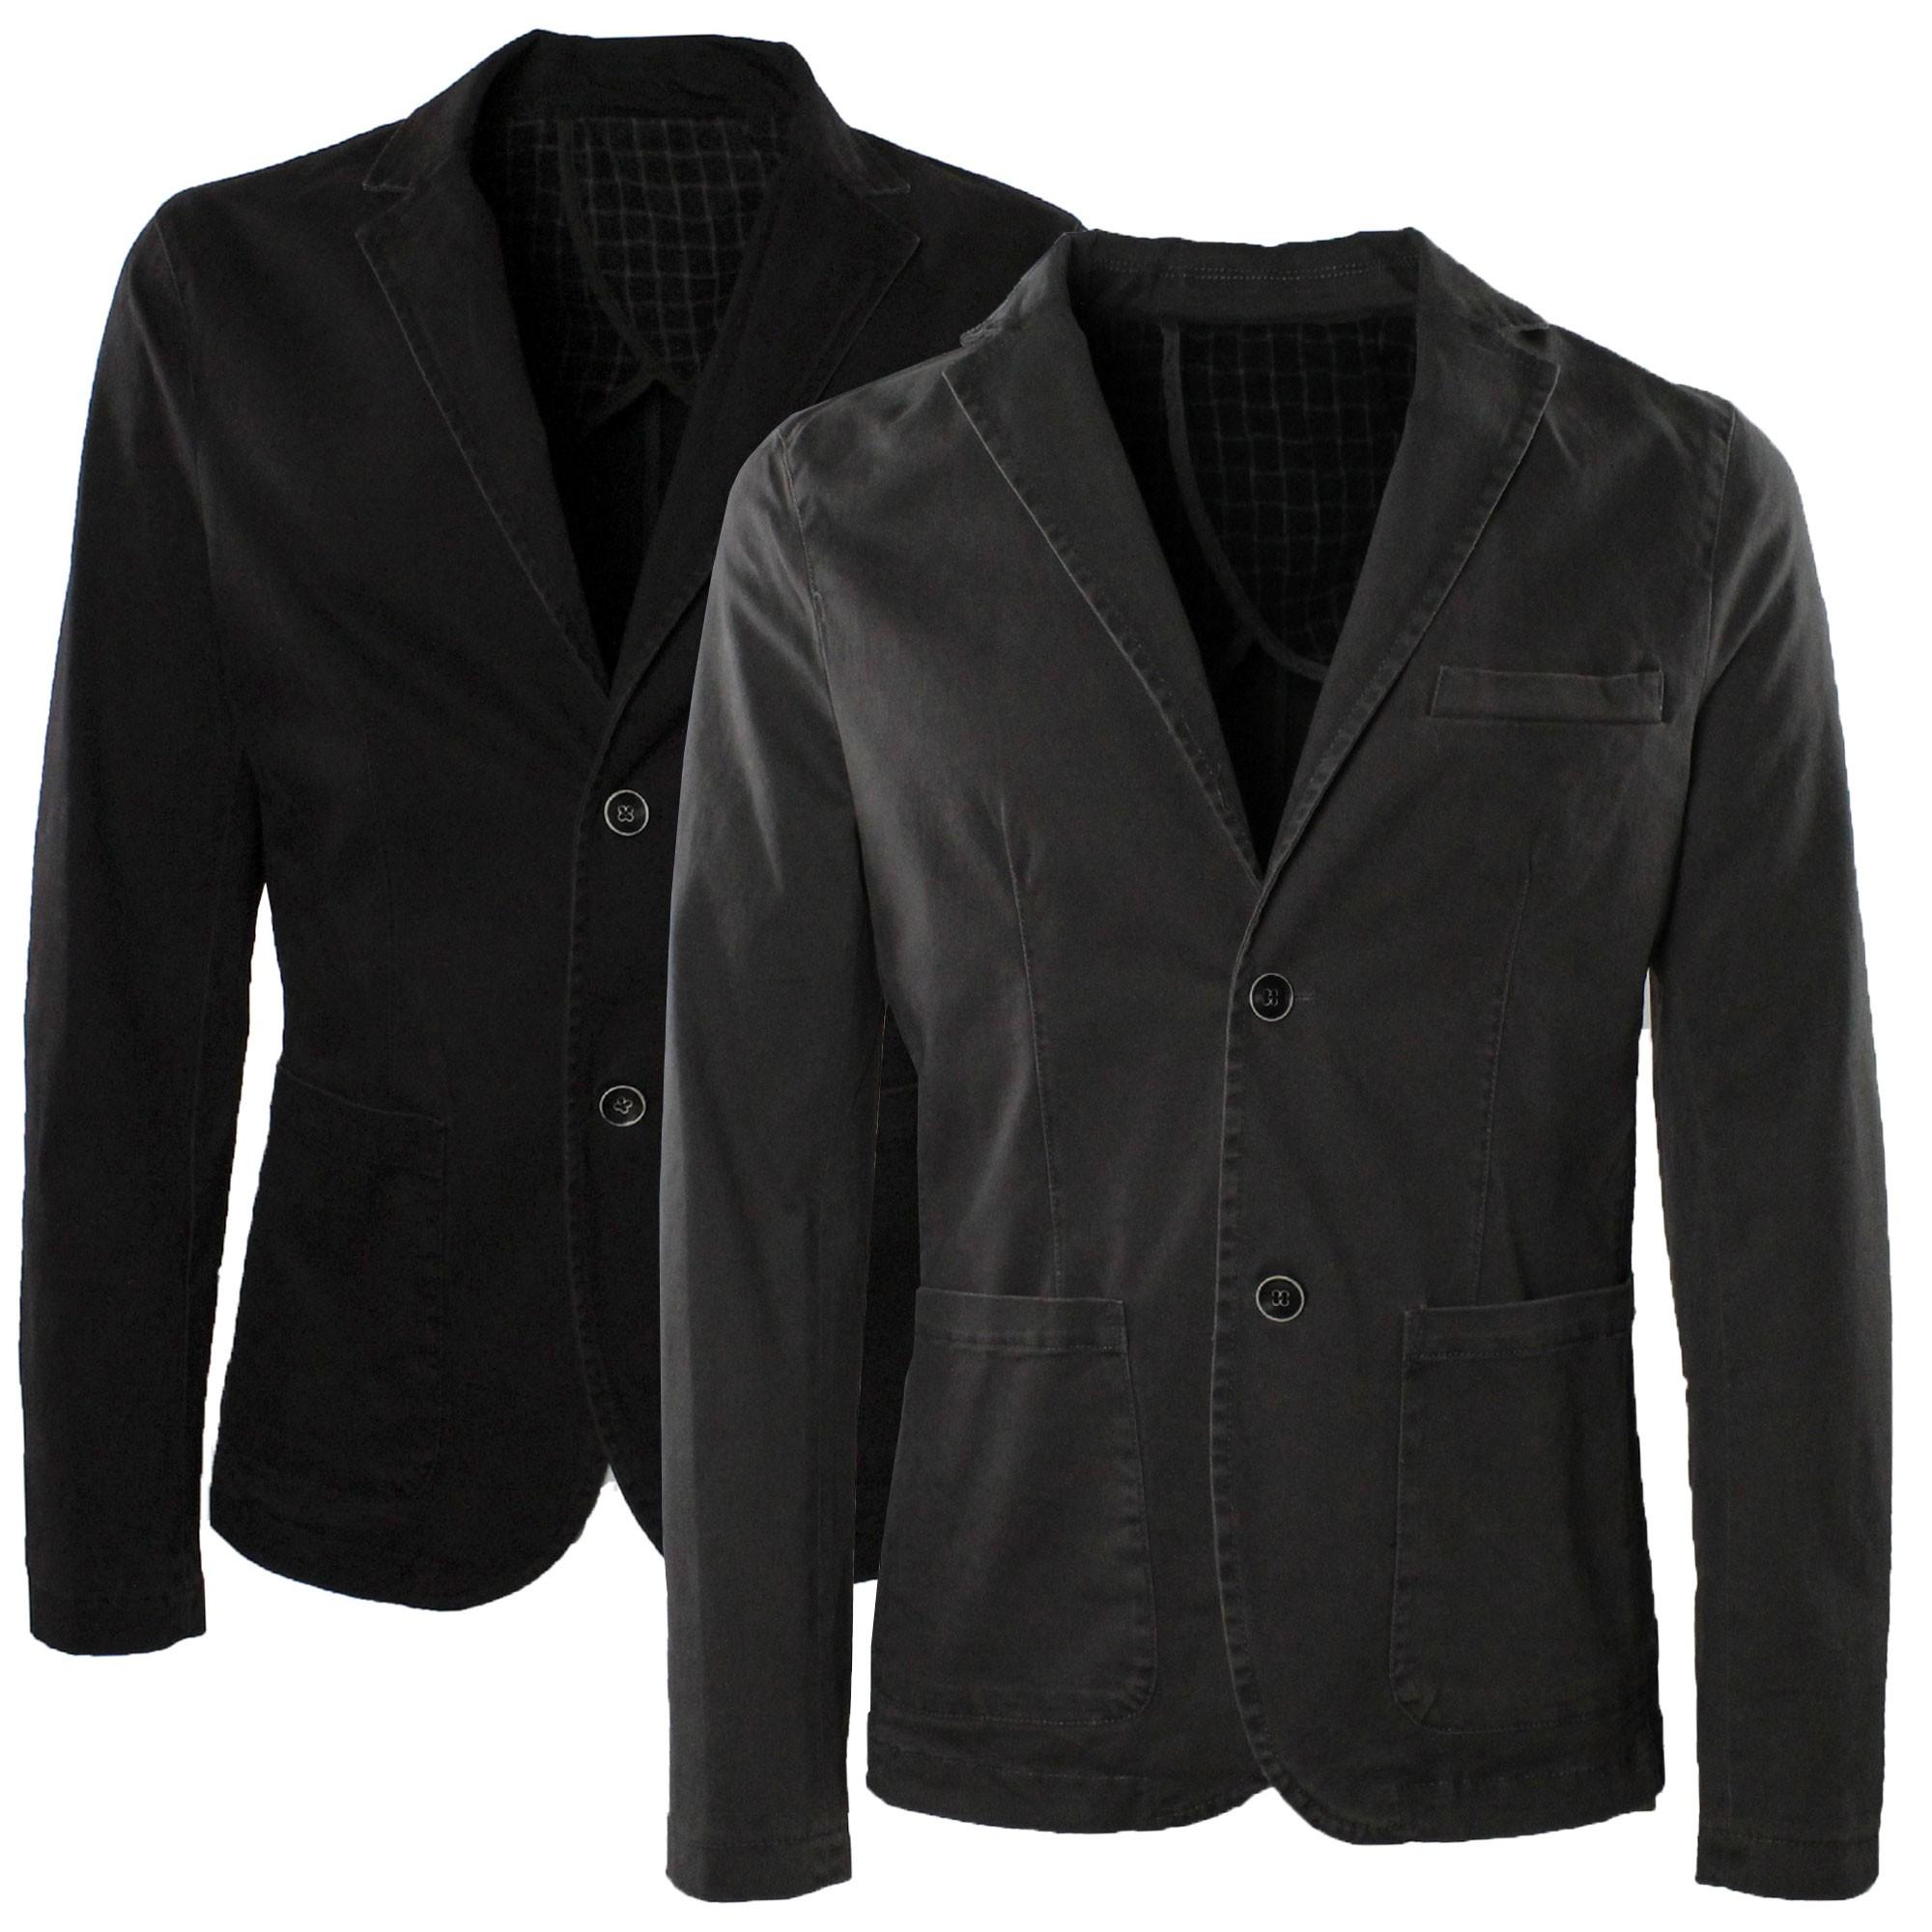 Giacca-Uomo-Elegante-Estiva-Slim-Fit-Blazer-in-Cotone-con-Toppe-Grigio-Sportiva miniatura 6